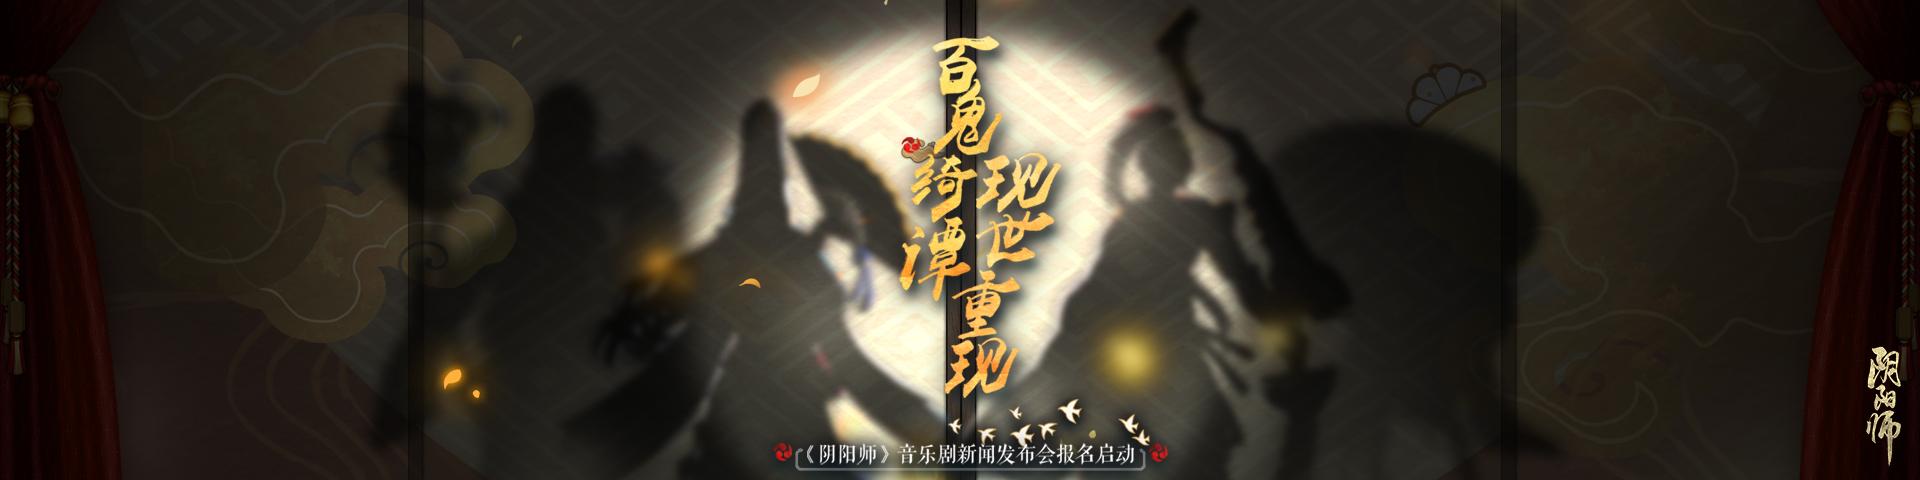 百鬼绮谭,现世重现 《阴阳师》音乐剧制作决定